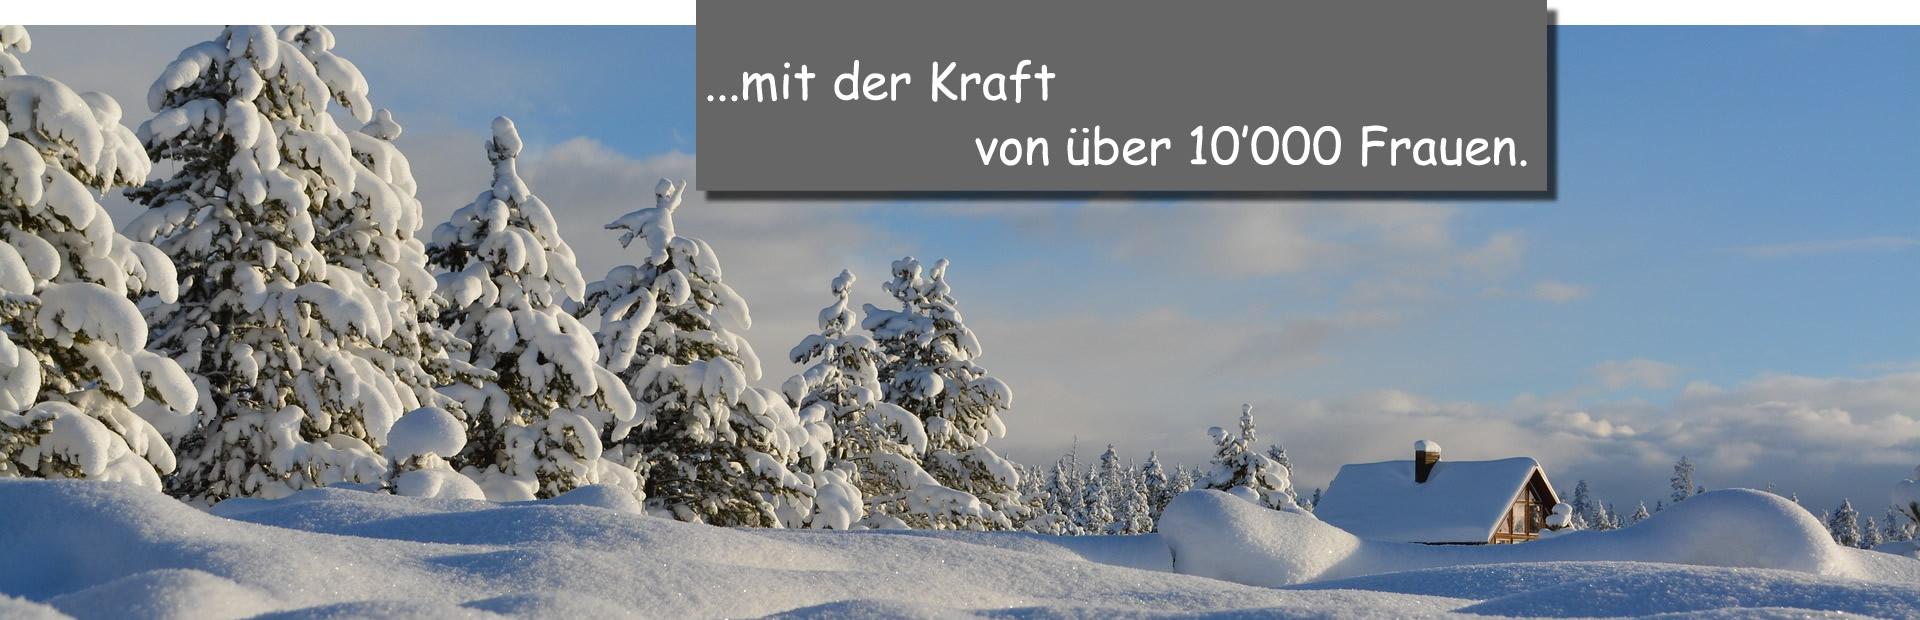 Schnee_fertig